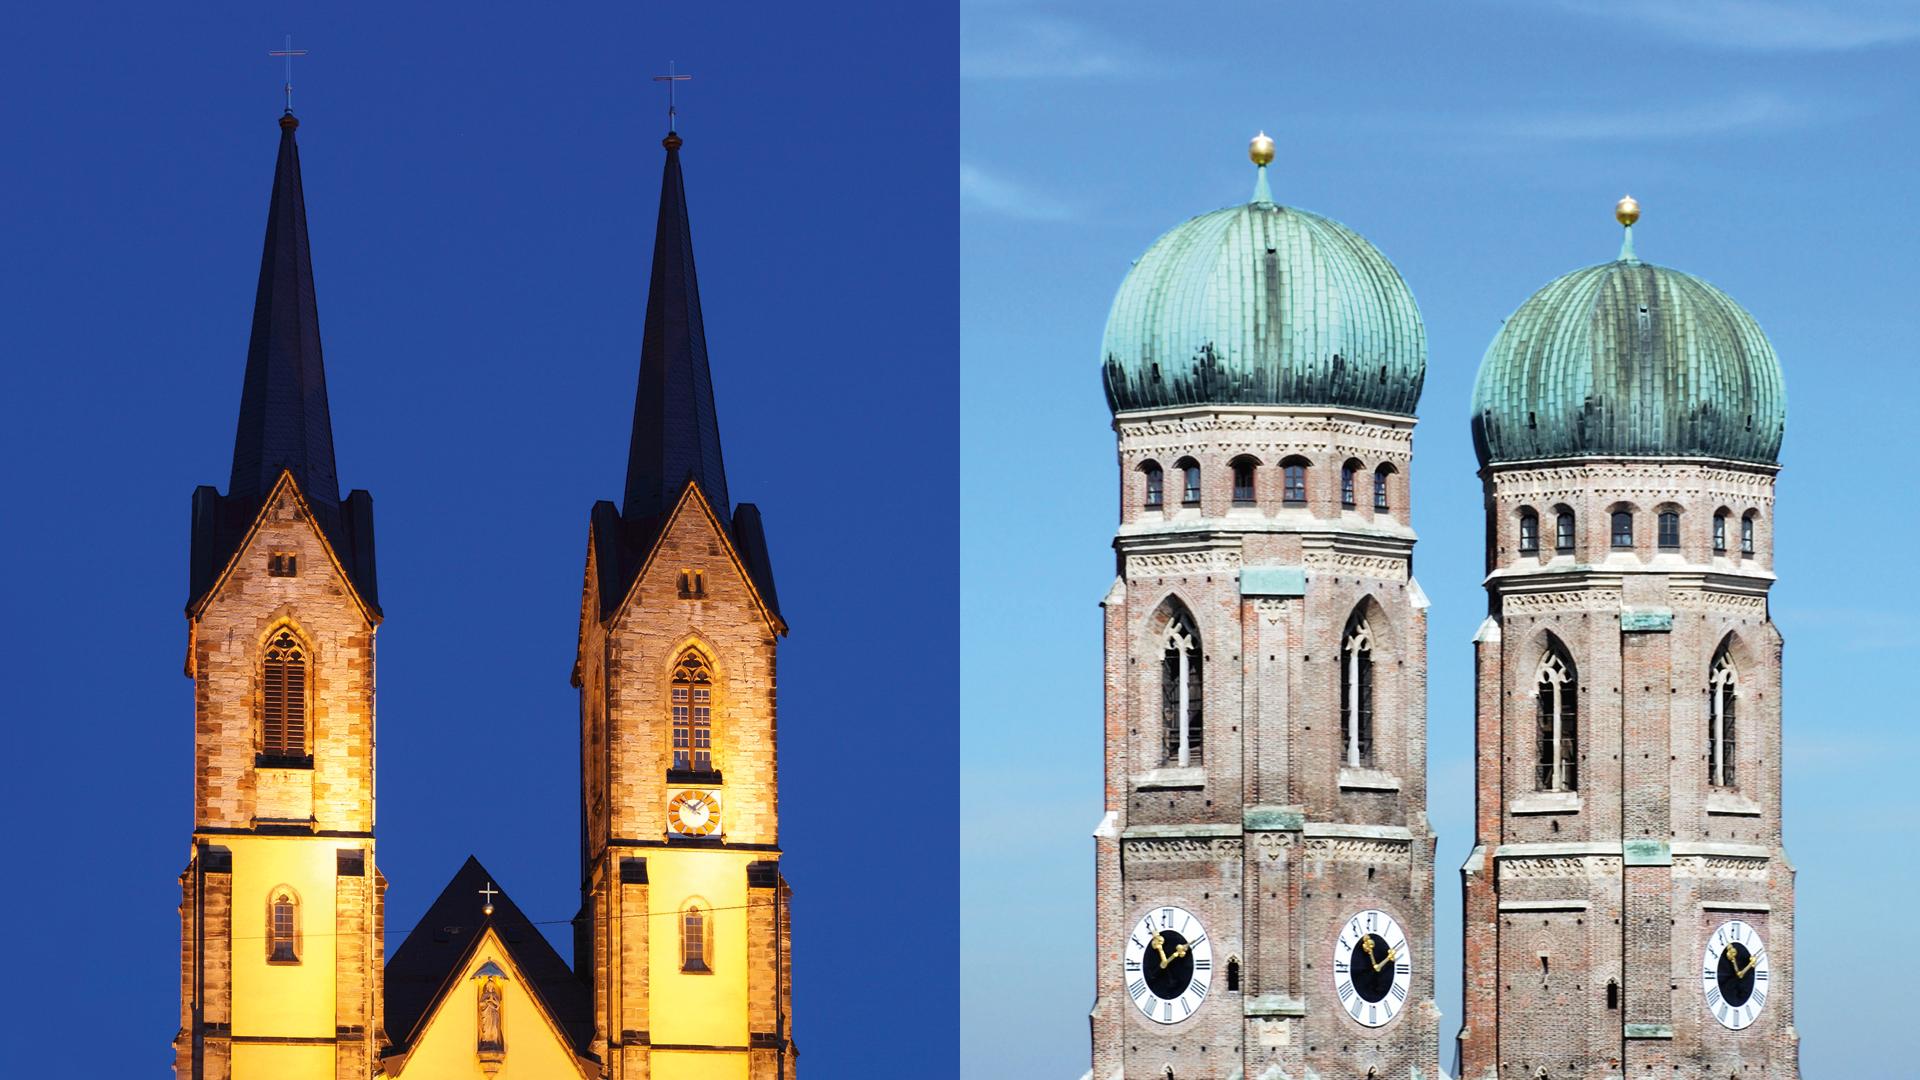 LfA unterstützt kleine und mittlere Unternehmen in ganz Bayern